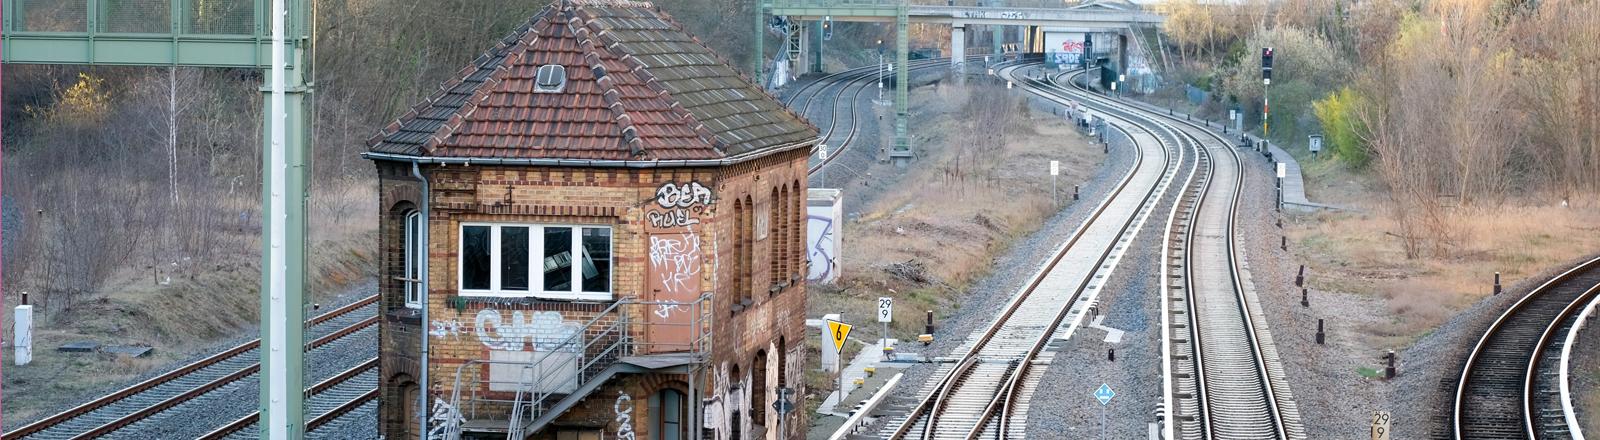 Stellwerk der Deutschen Bahn in Berlin in einem alten Backsteingebäude, das außen mit Graffiti besprüht ist